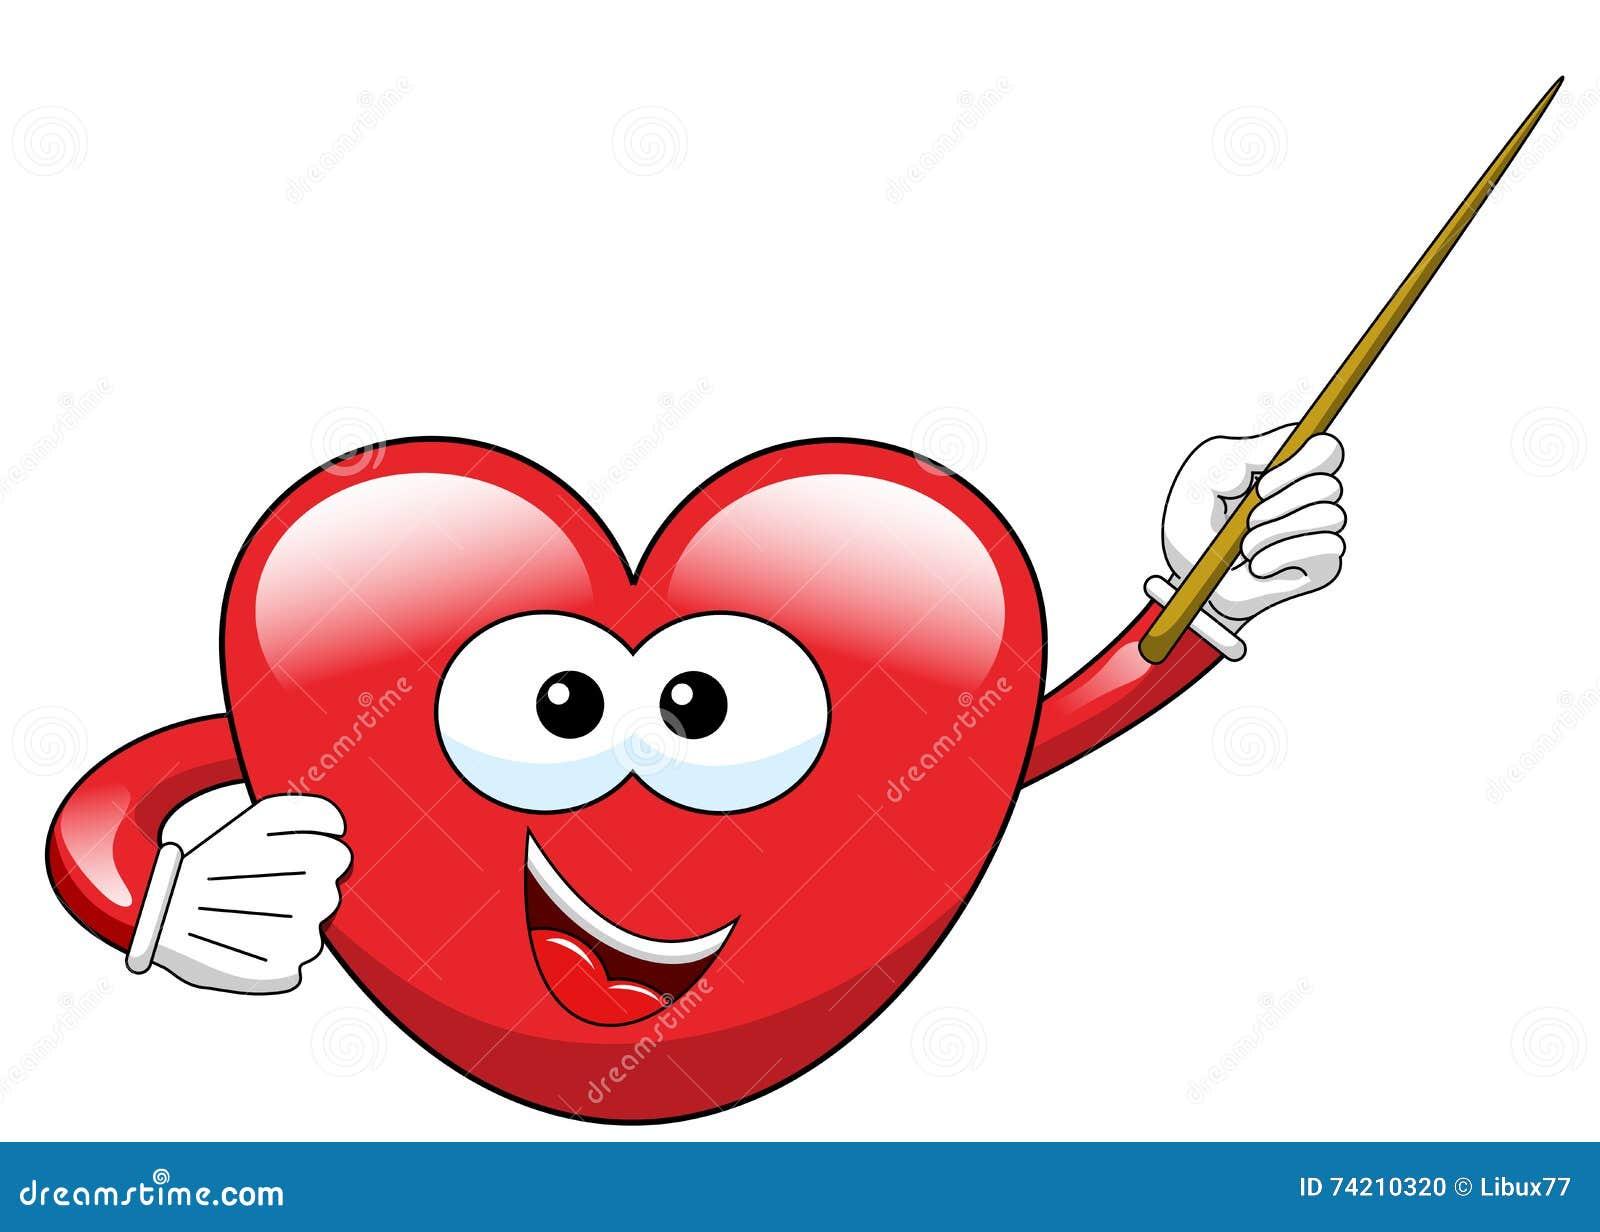 Cartoon Heart Teacher Stock Vector Illustration Of Cartoon 74210320